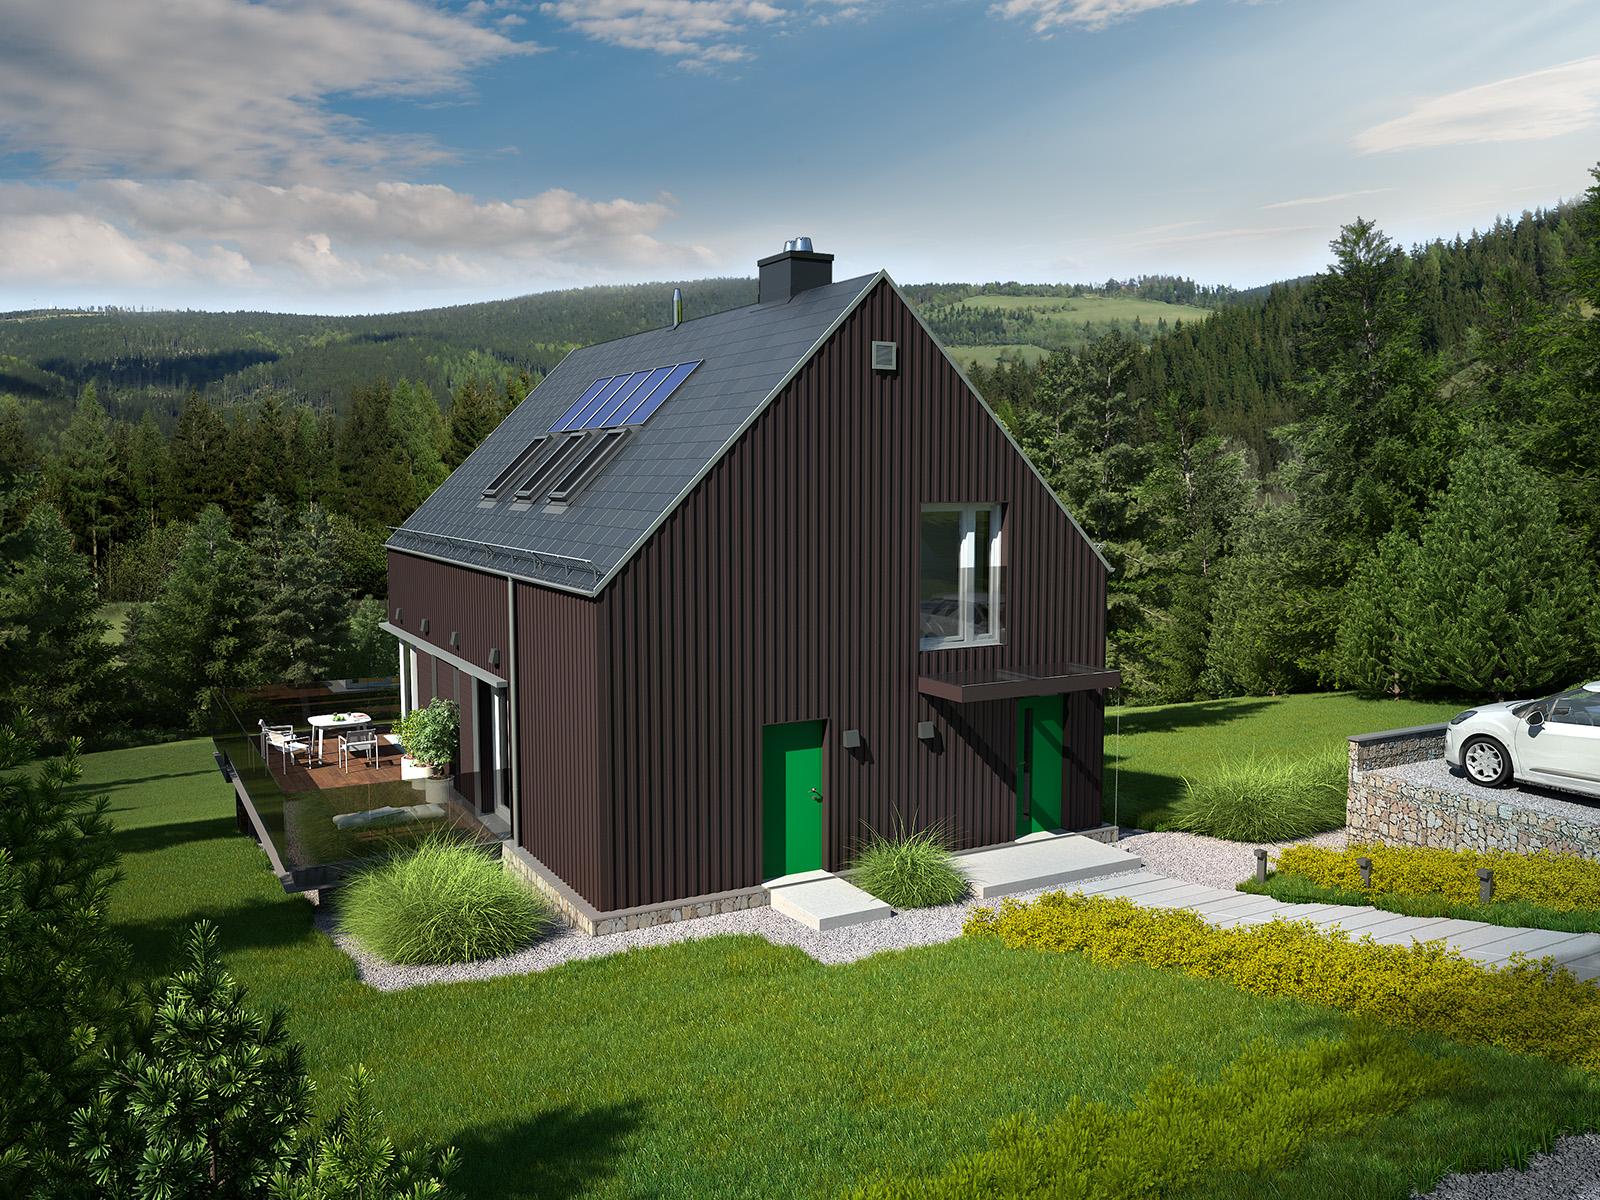 Projekt domu WIDOKOWY Domy Czystej Energii widok od frontu